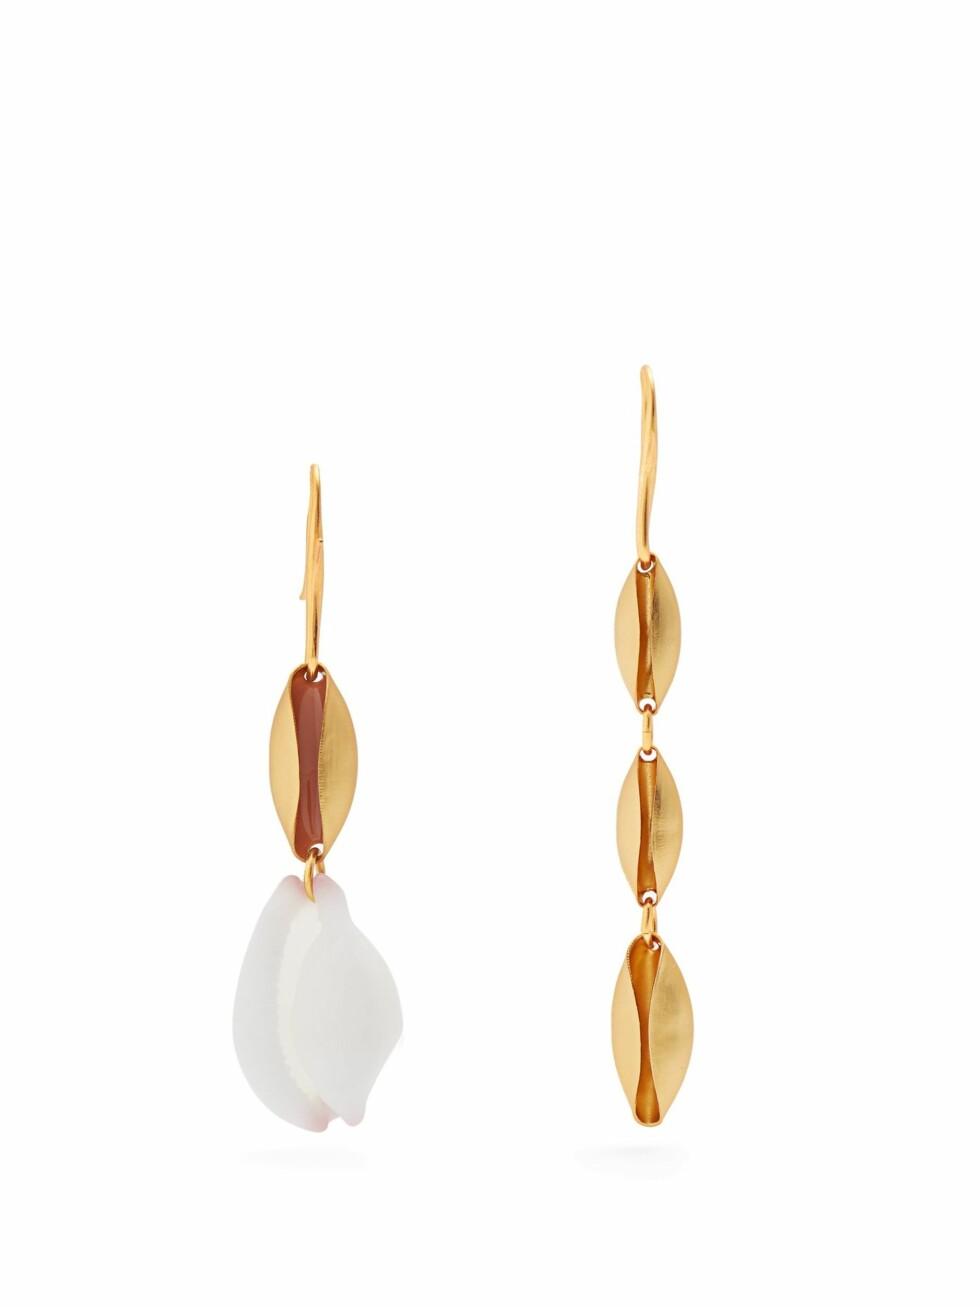 Øredobber fra Albus Lumen  1250,-  https://www.matchesfashion.com/intl/products/Albus-Lumen-X-Ryan-Storer%09shell-embellished-earrings-1193428